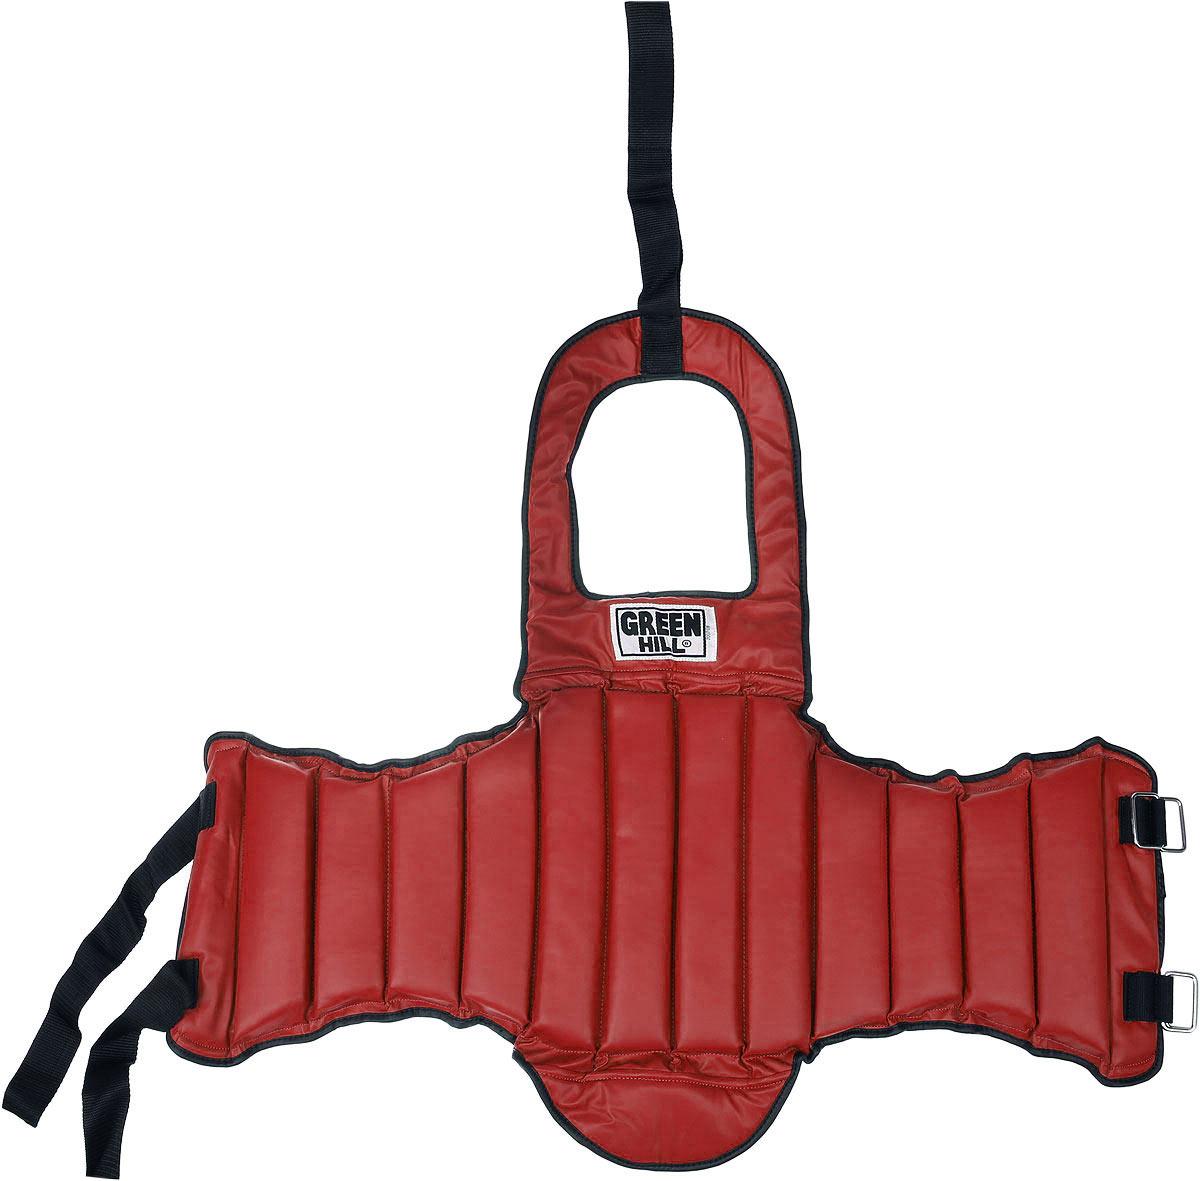 Защита на грудь Green Hill, цвет: красный, синий. Размер S. TSG-6026TSG-6026Защита на грудь Green Hill с наполнителем, выполненным из пенополиэтилена, необходима при занятиях спортом для защиты тела. Защита выполнена из высококачественной искусственной кожи. Закрепляется на теле при помощи нейлоновых ремней.Удобный и эргономичный жилет на грудь Green Hill идеально подойдет для занятий тхэквондо и другими видами единоборств.Ширина защиты: 87 см.Ширина без боковых секций: 22 см.Высота без фартука: 30 см.Высота с учетом фартука: 76 см.Толщина защитного слоя: 2,5 см.